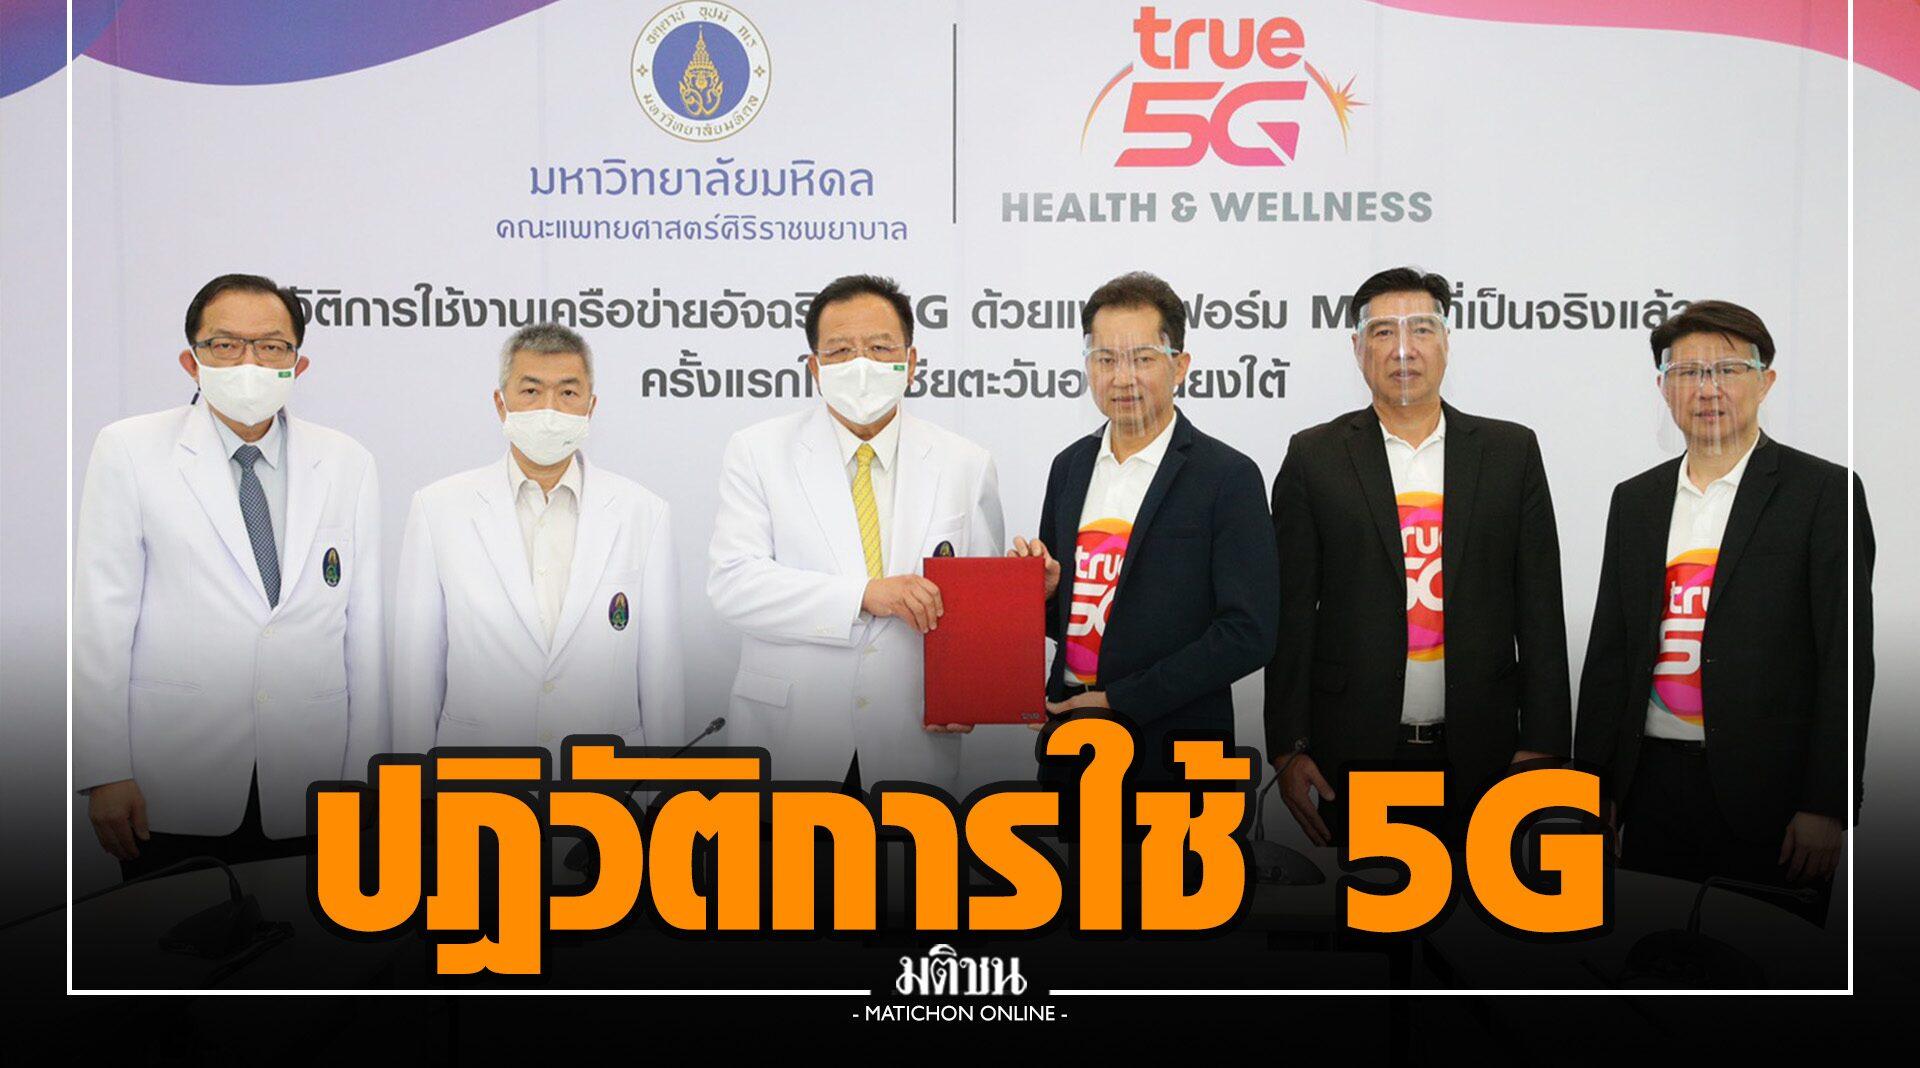 ทรู 5G ร่วมกับ ศิริราช ปฎิวัติการใช้งาน 5G ด้วยแพลตฟอร์ม MEC ครั้งแรกในเอเชียตะวันออกเฉียงใต้